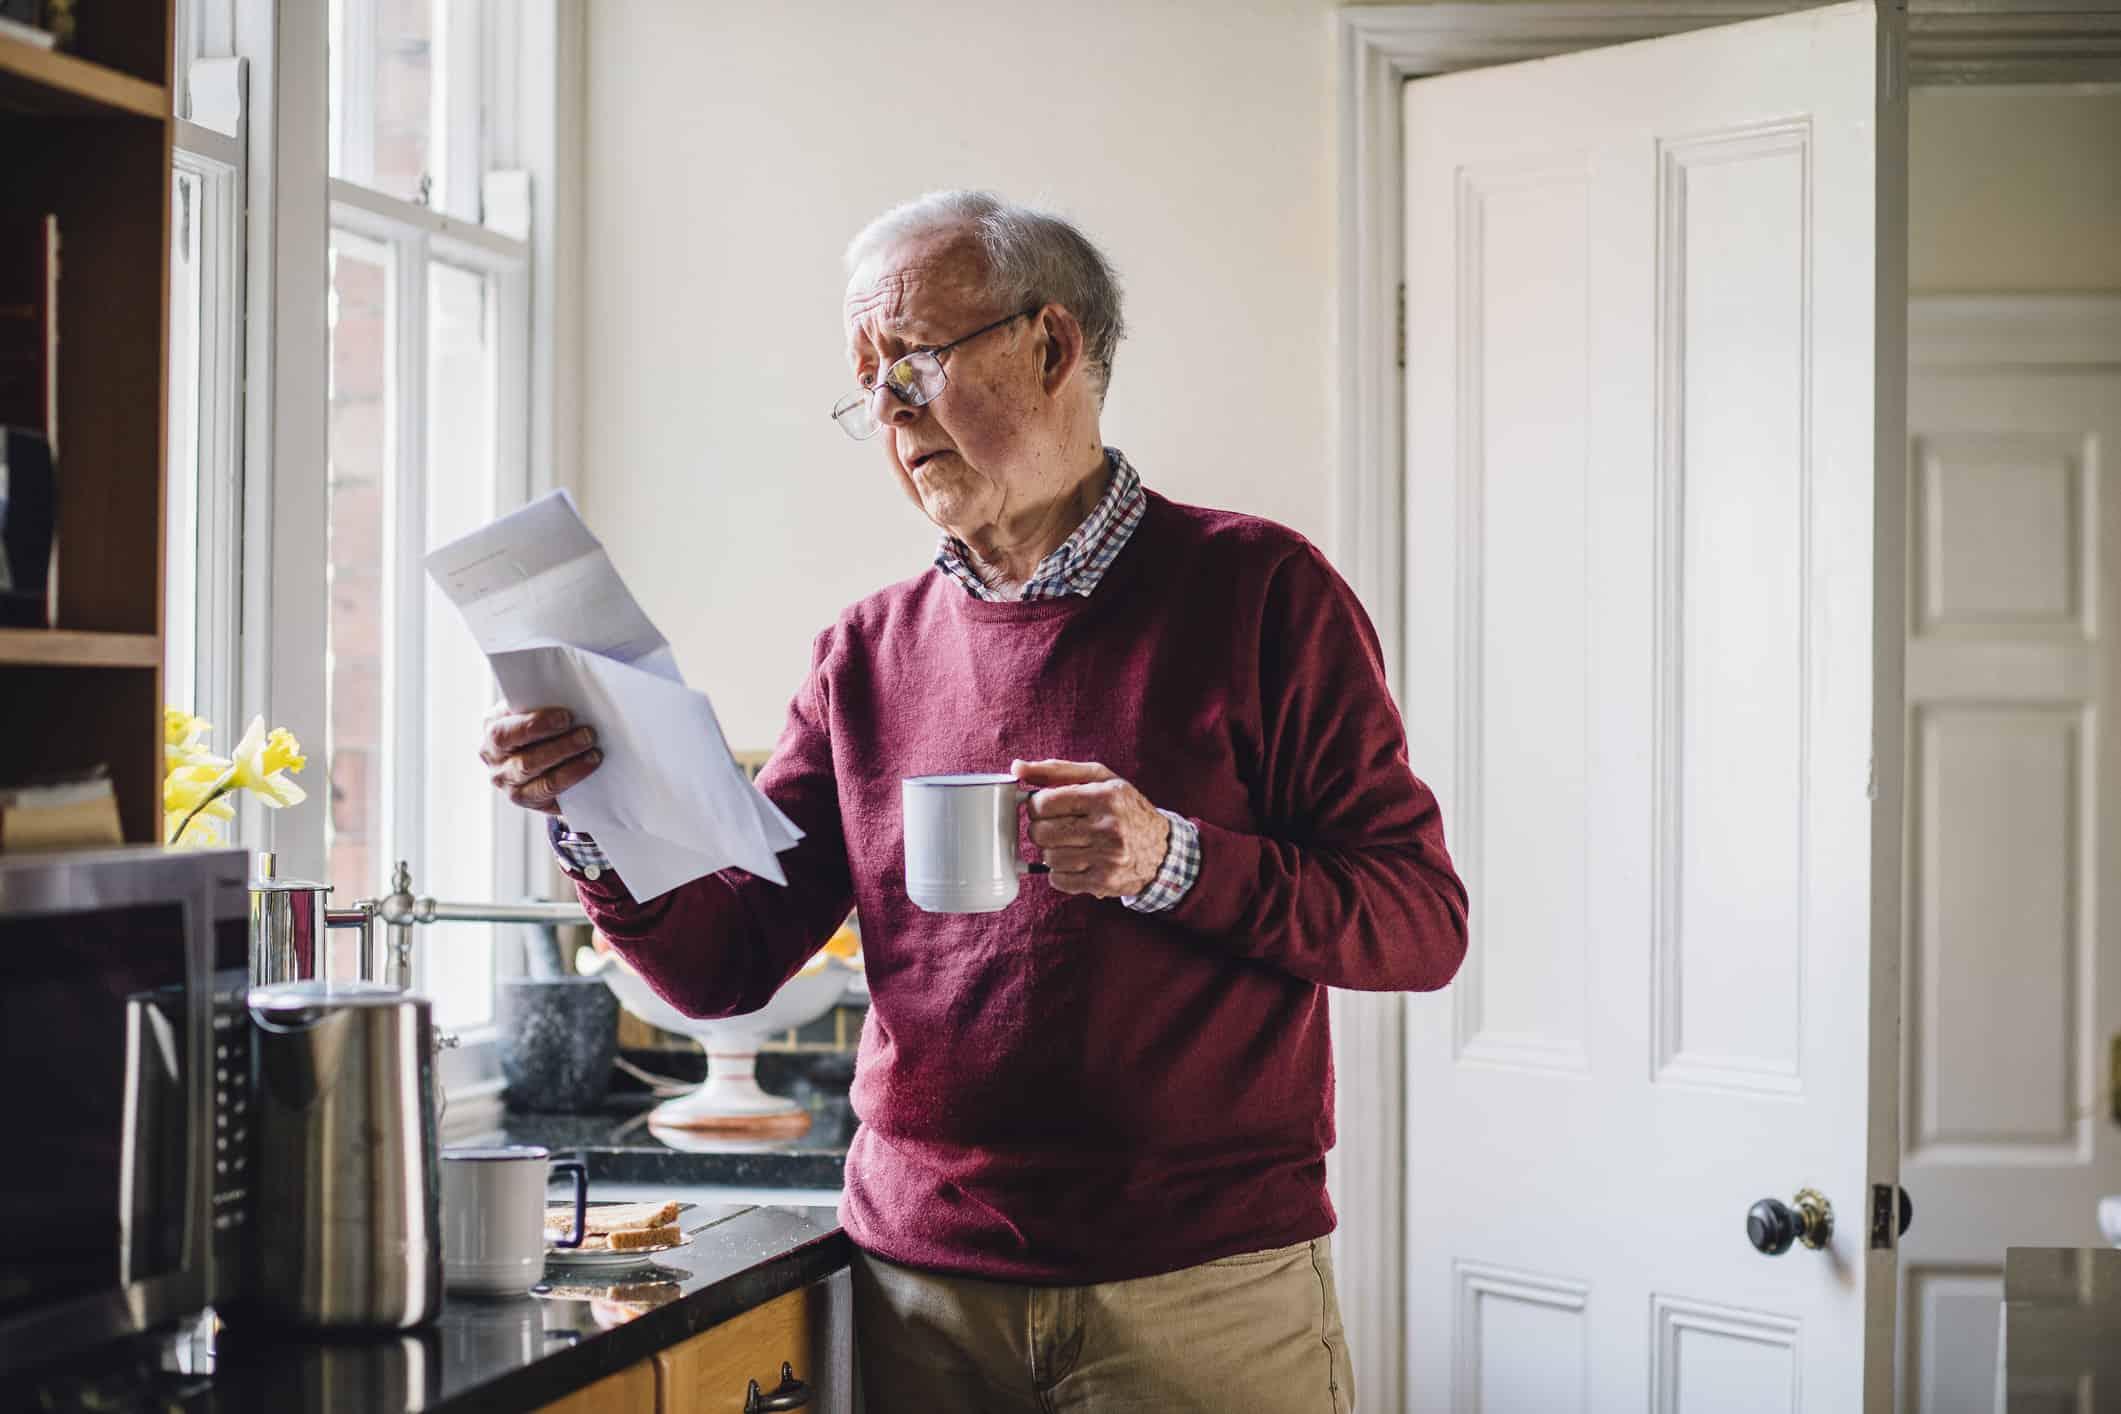 Senior citizen looking at bill